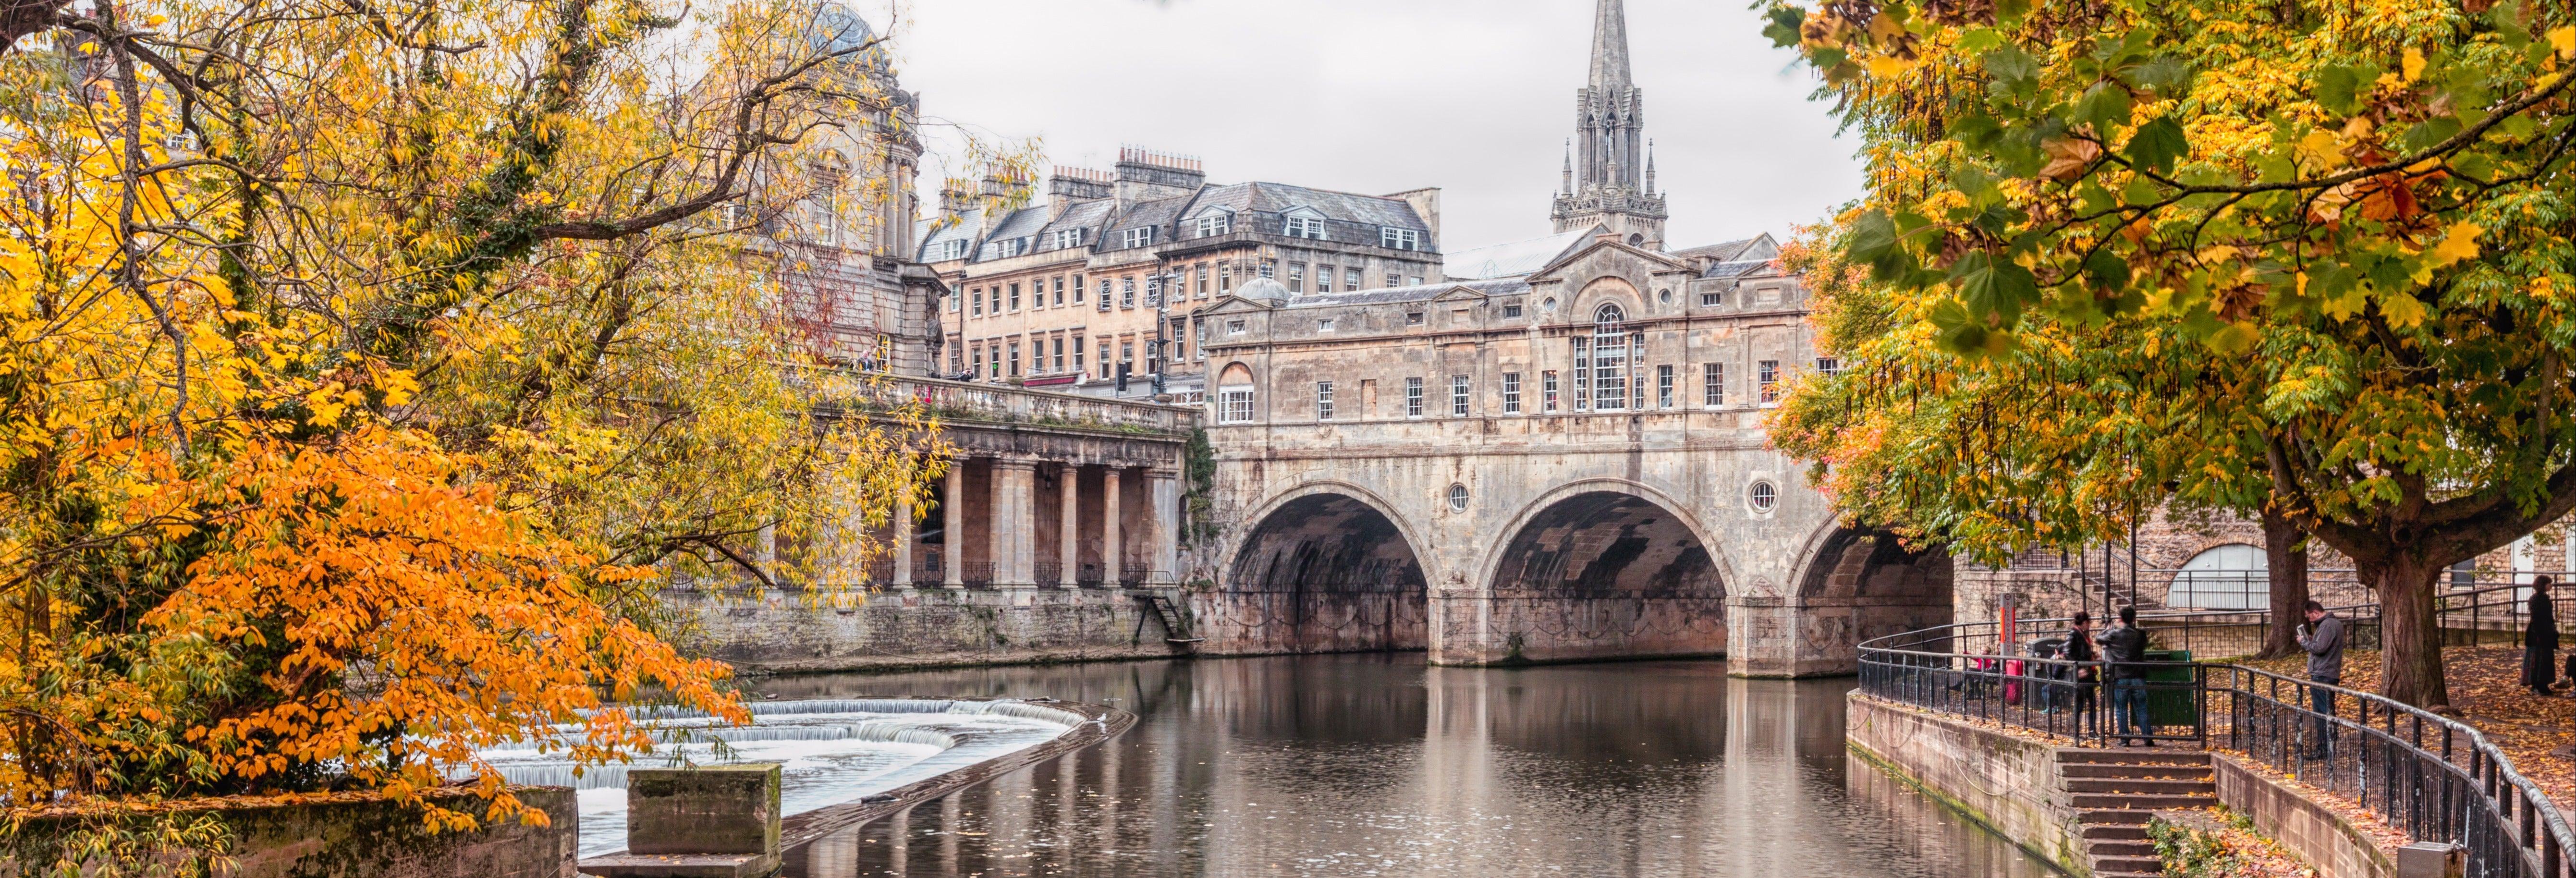 Tour privado por Bath con guía en español